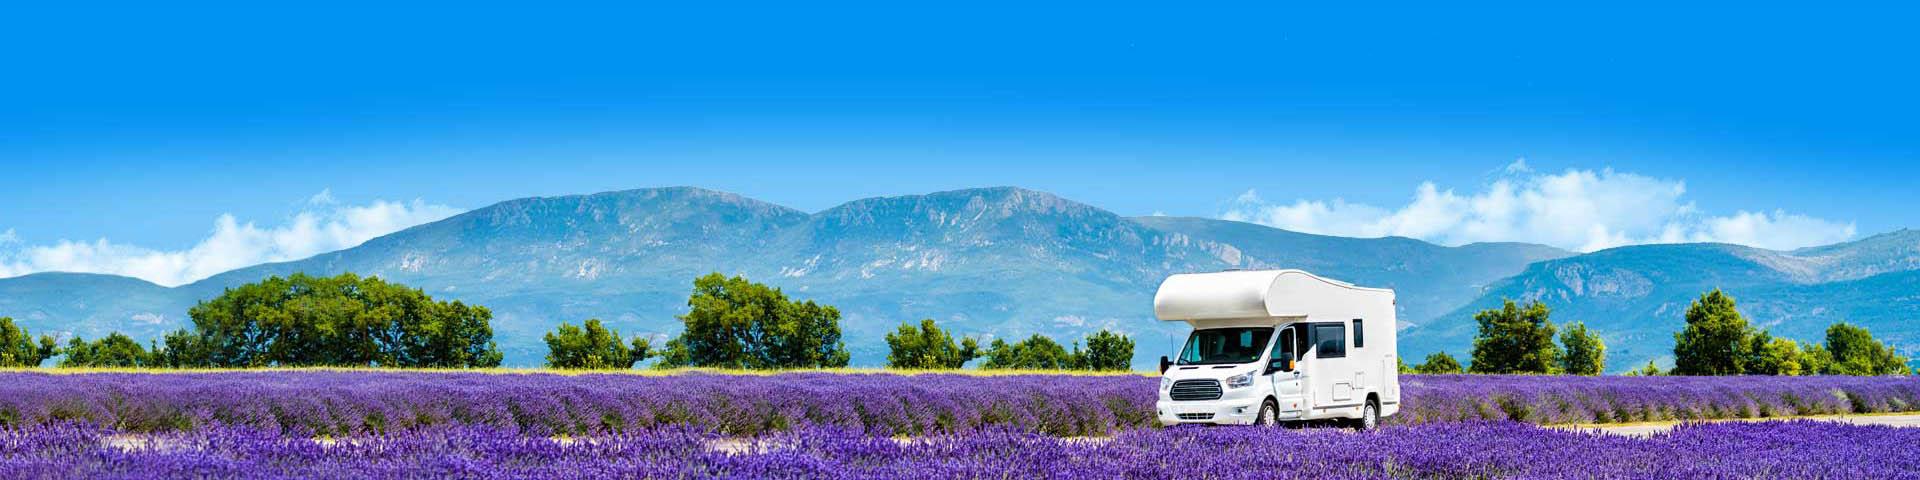 Een caravan in een prachtig natuurgebied tijdens een campingvakantie